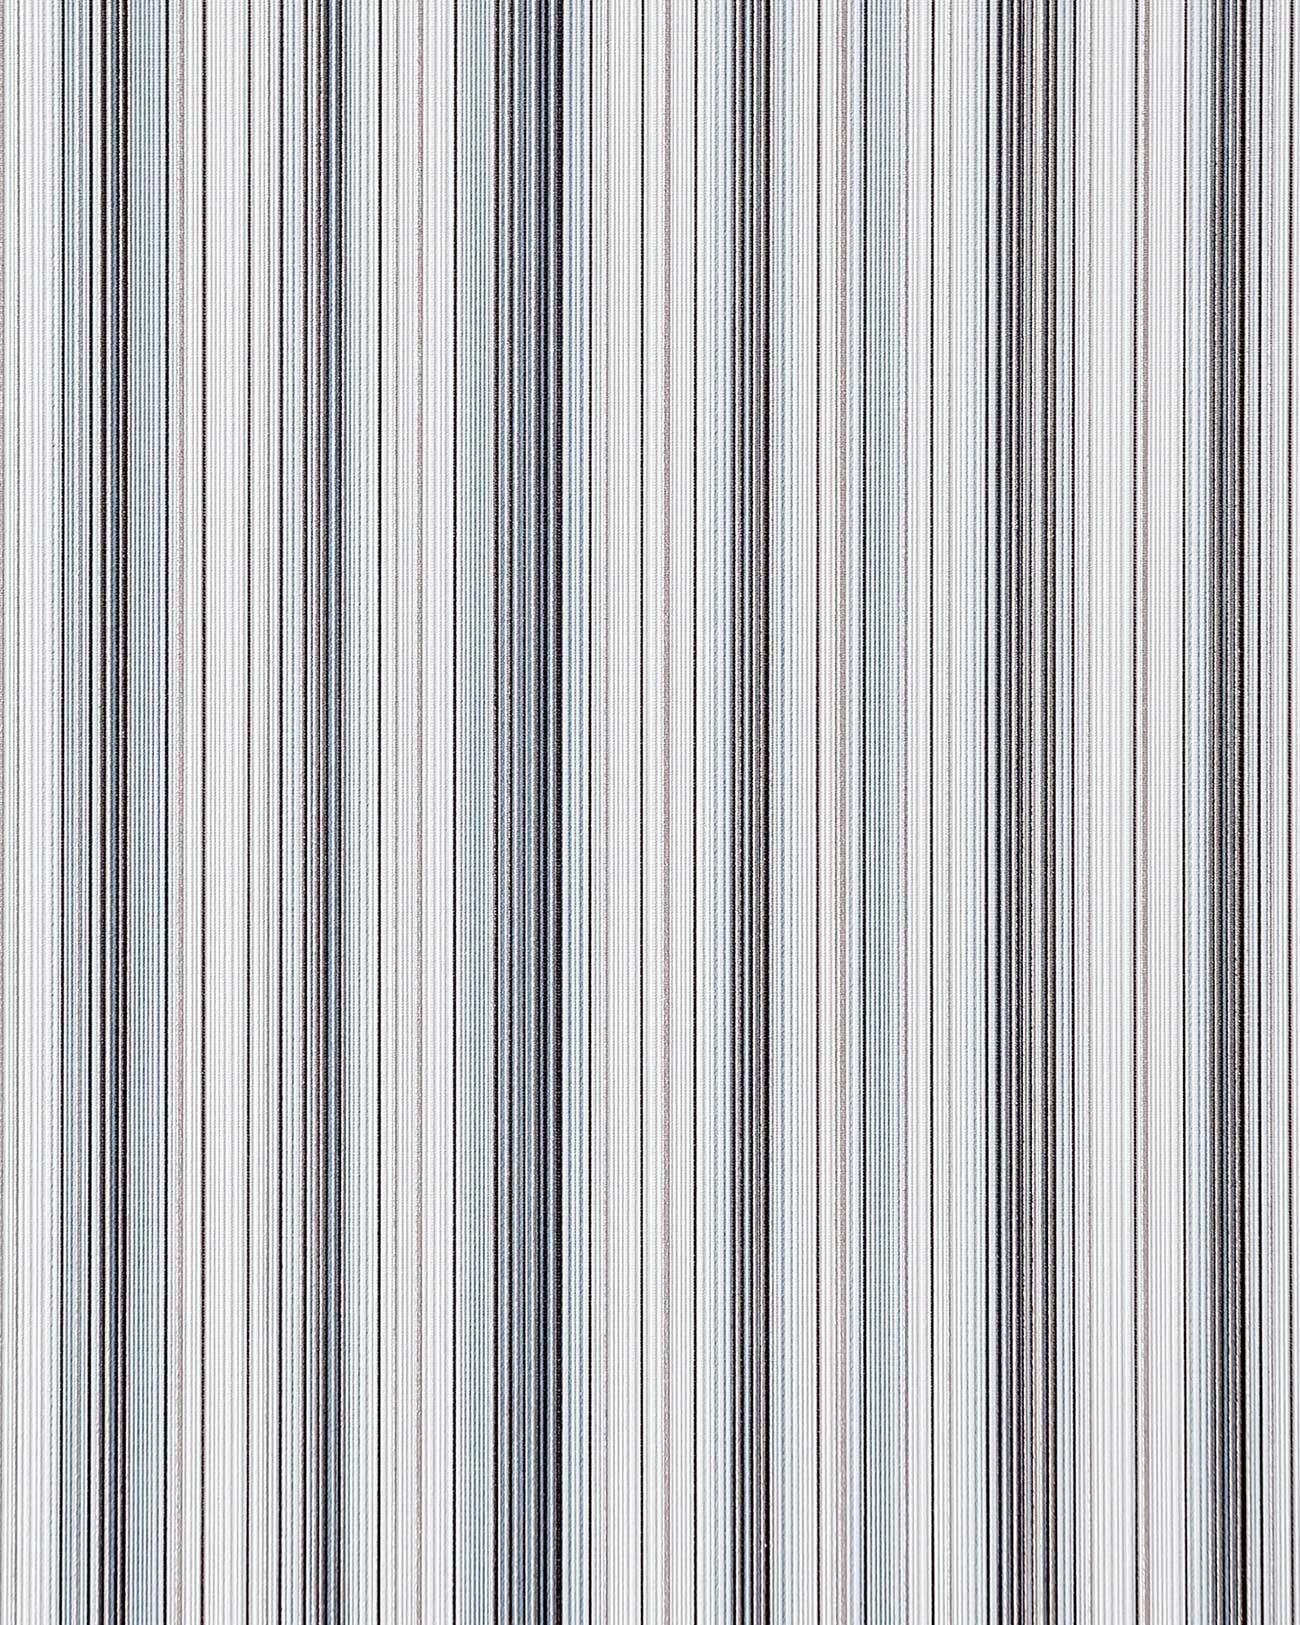 Streifen Tapete Edem 097 26 Designer Tapete Prunkvolle Modern Und